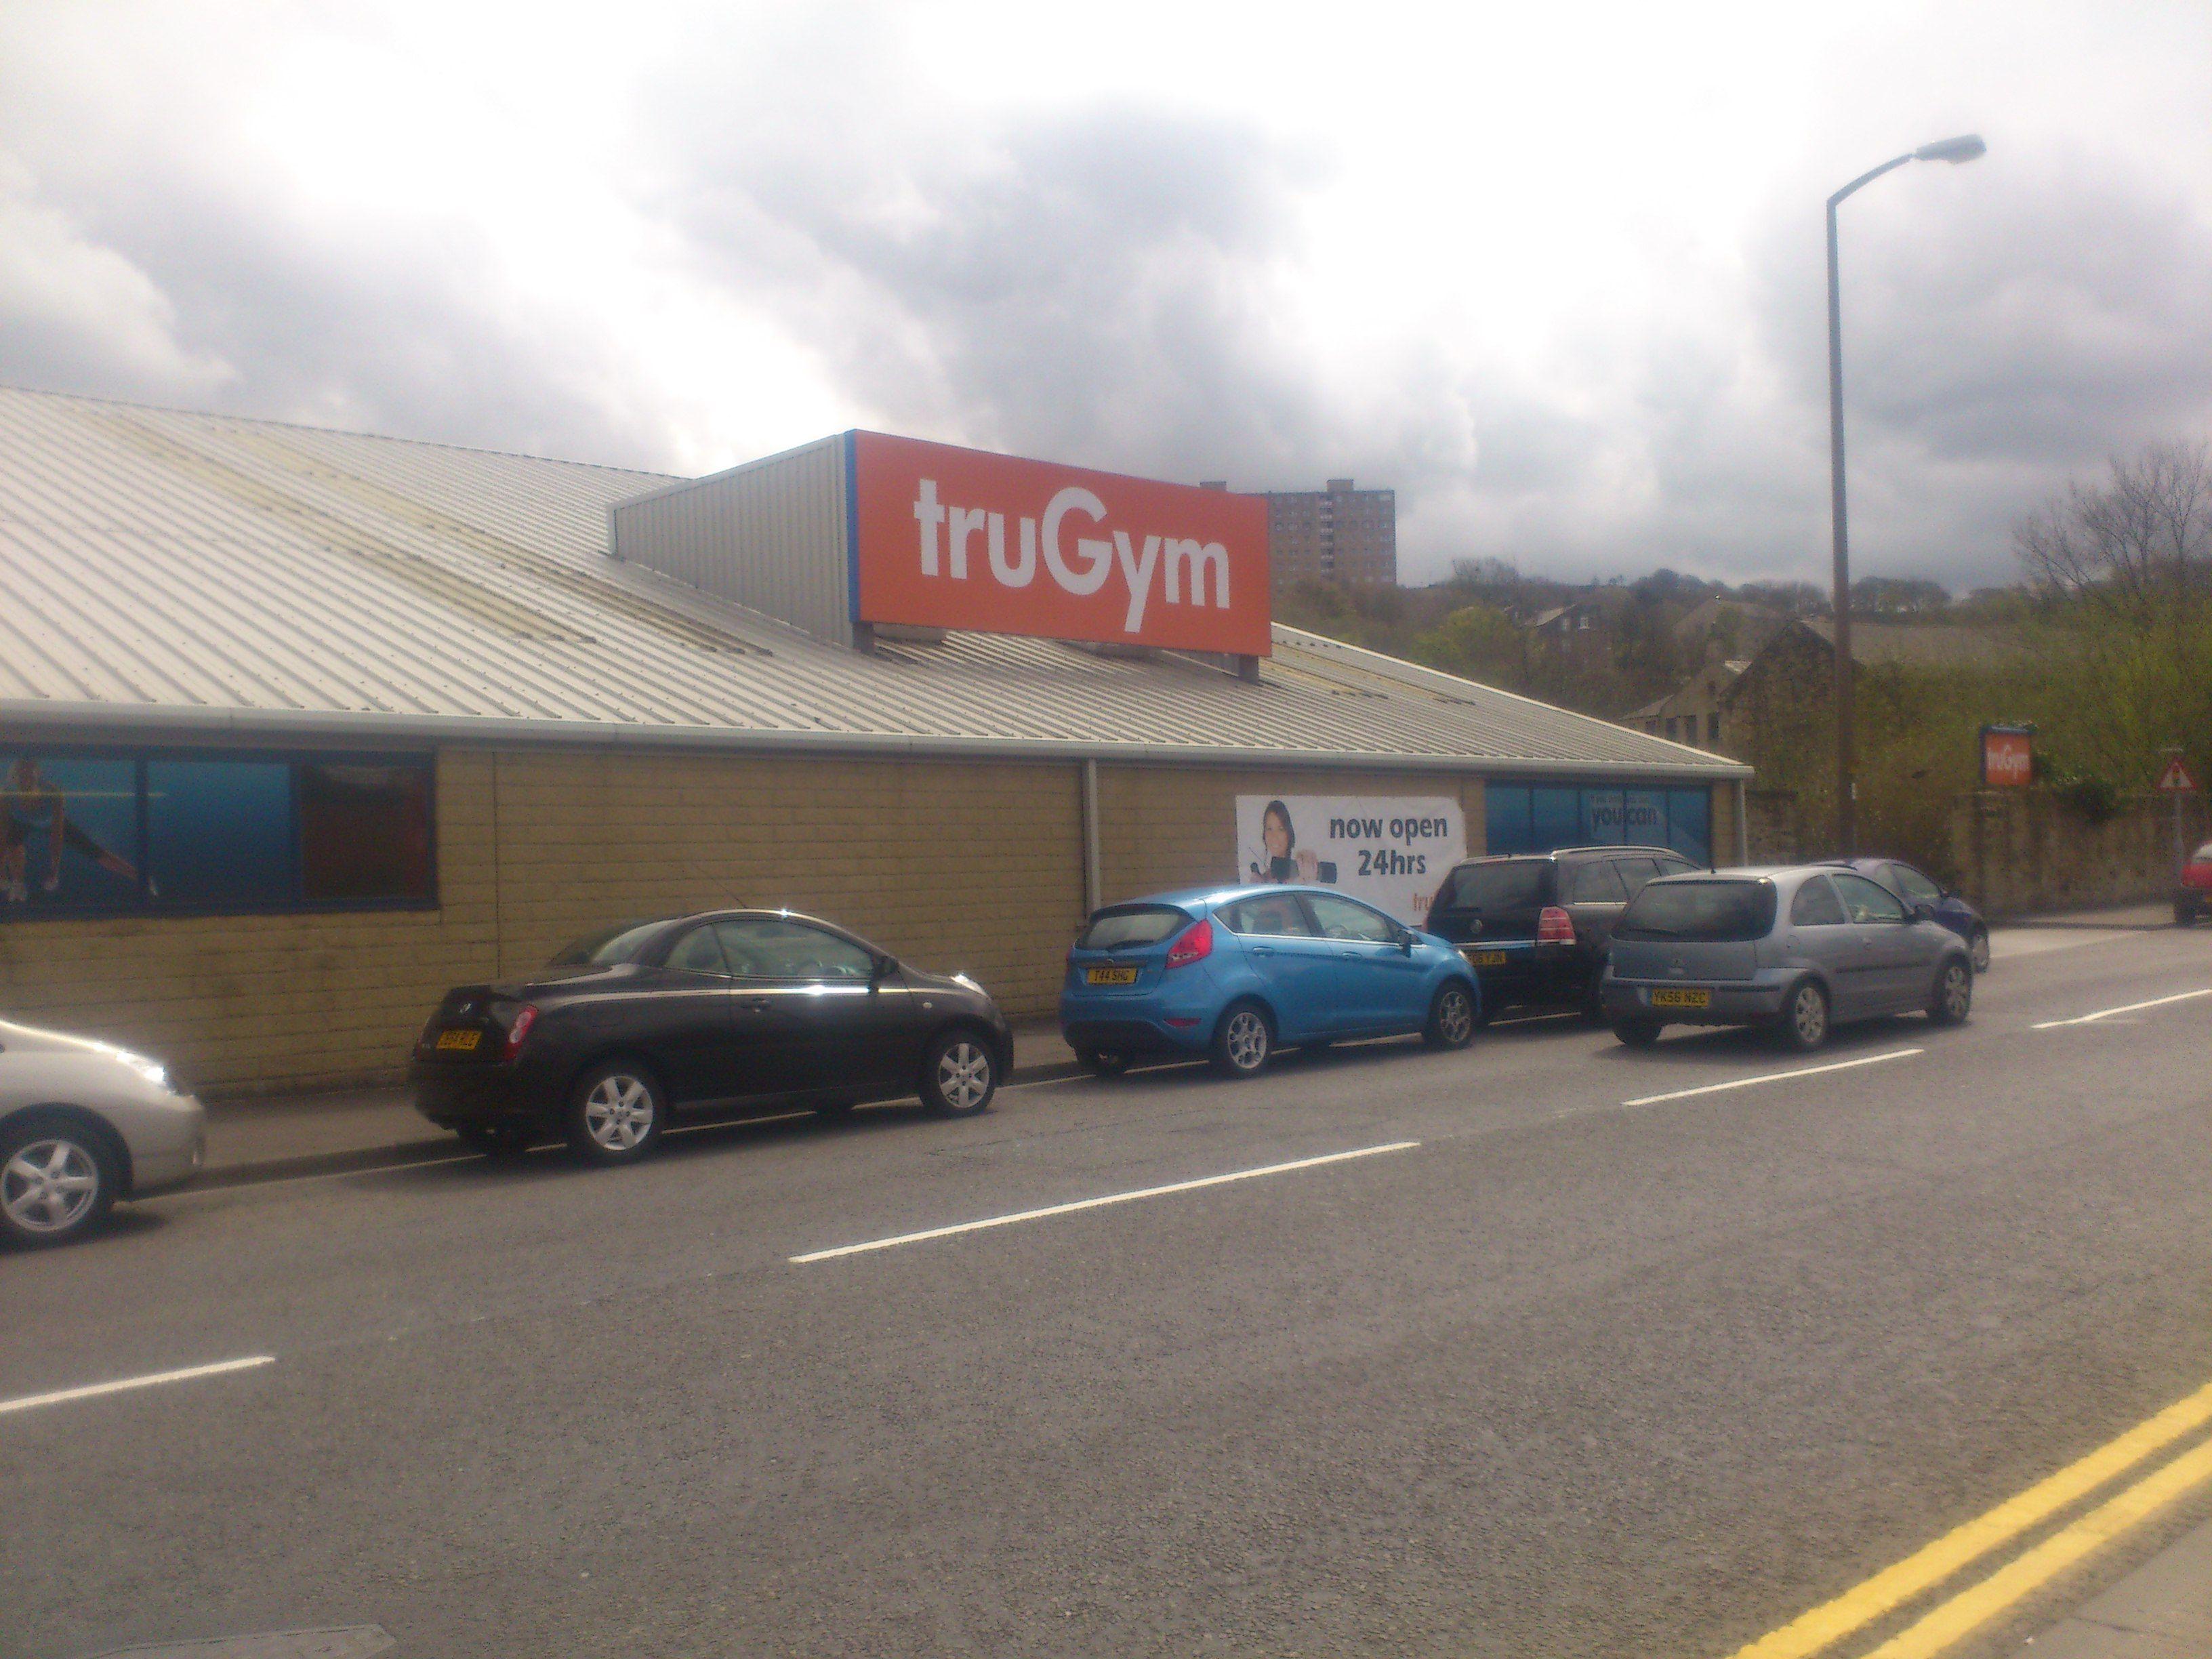 True gym keighley